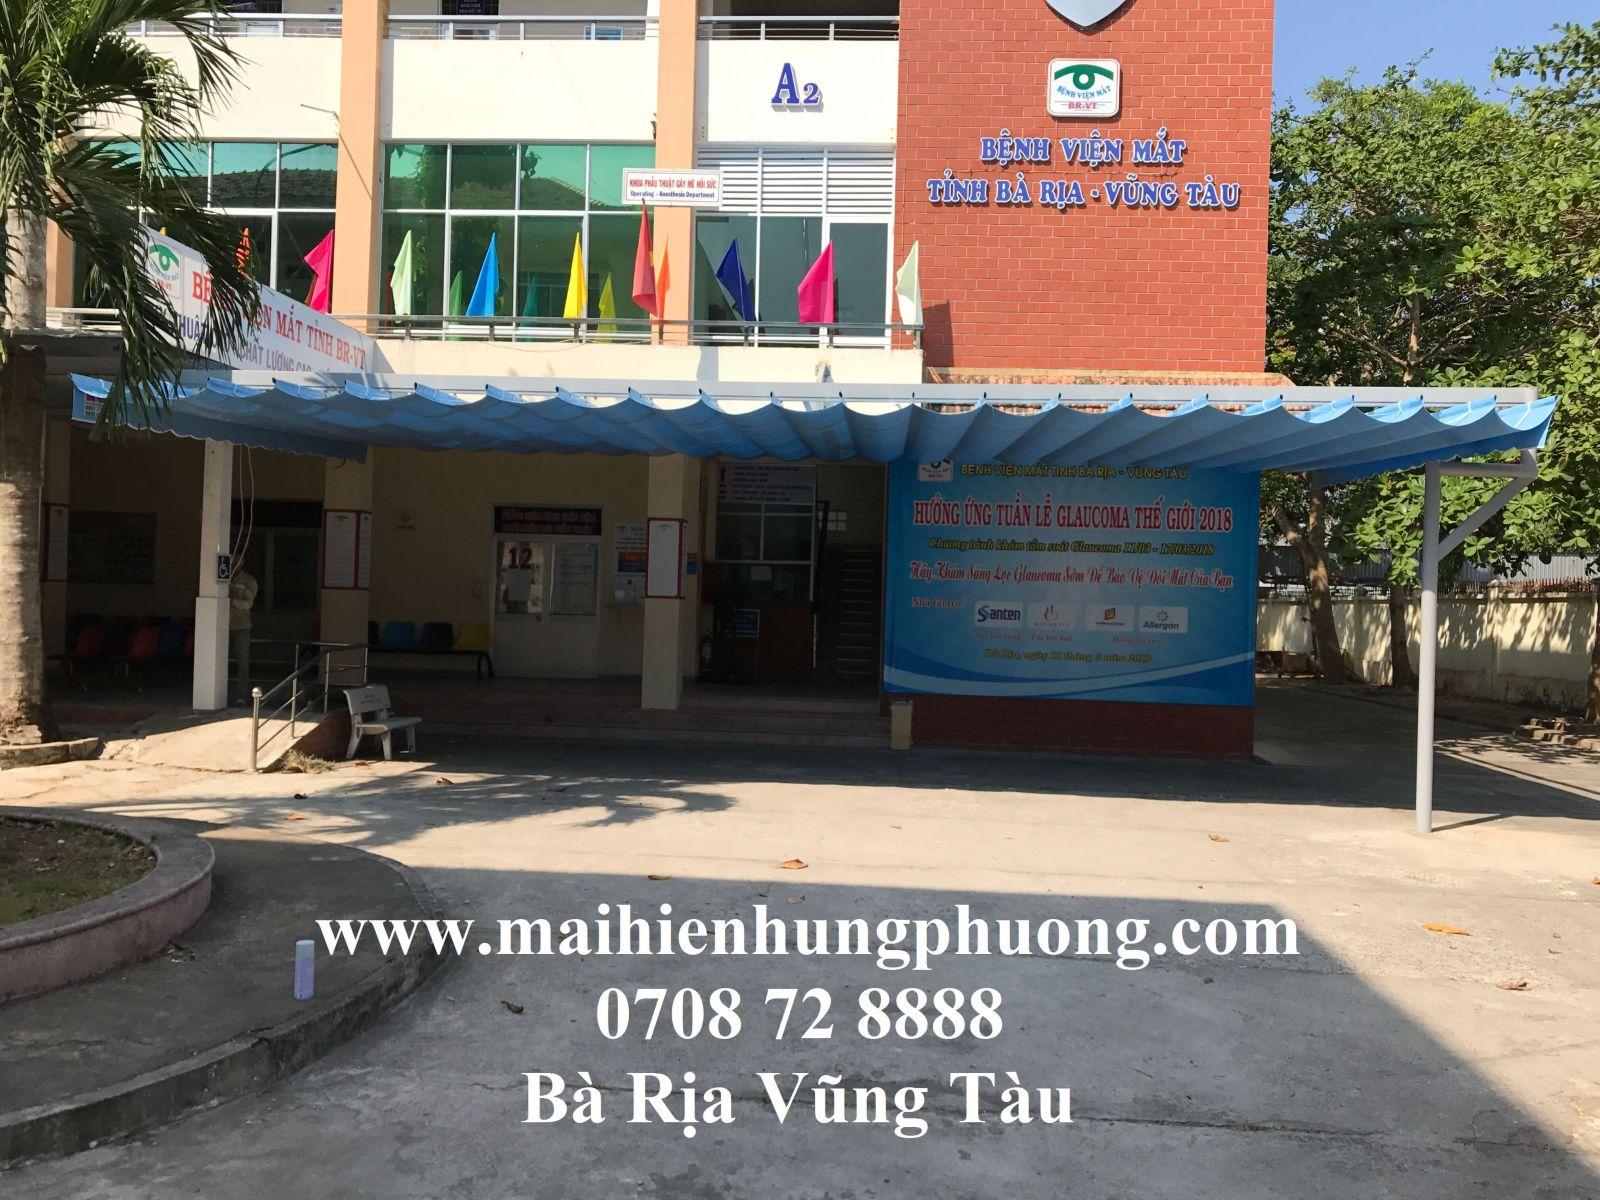 Mái xếp lượn sóng giá bao nhiêu tại Bà Rịa Vũng Tàu